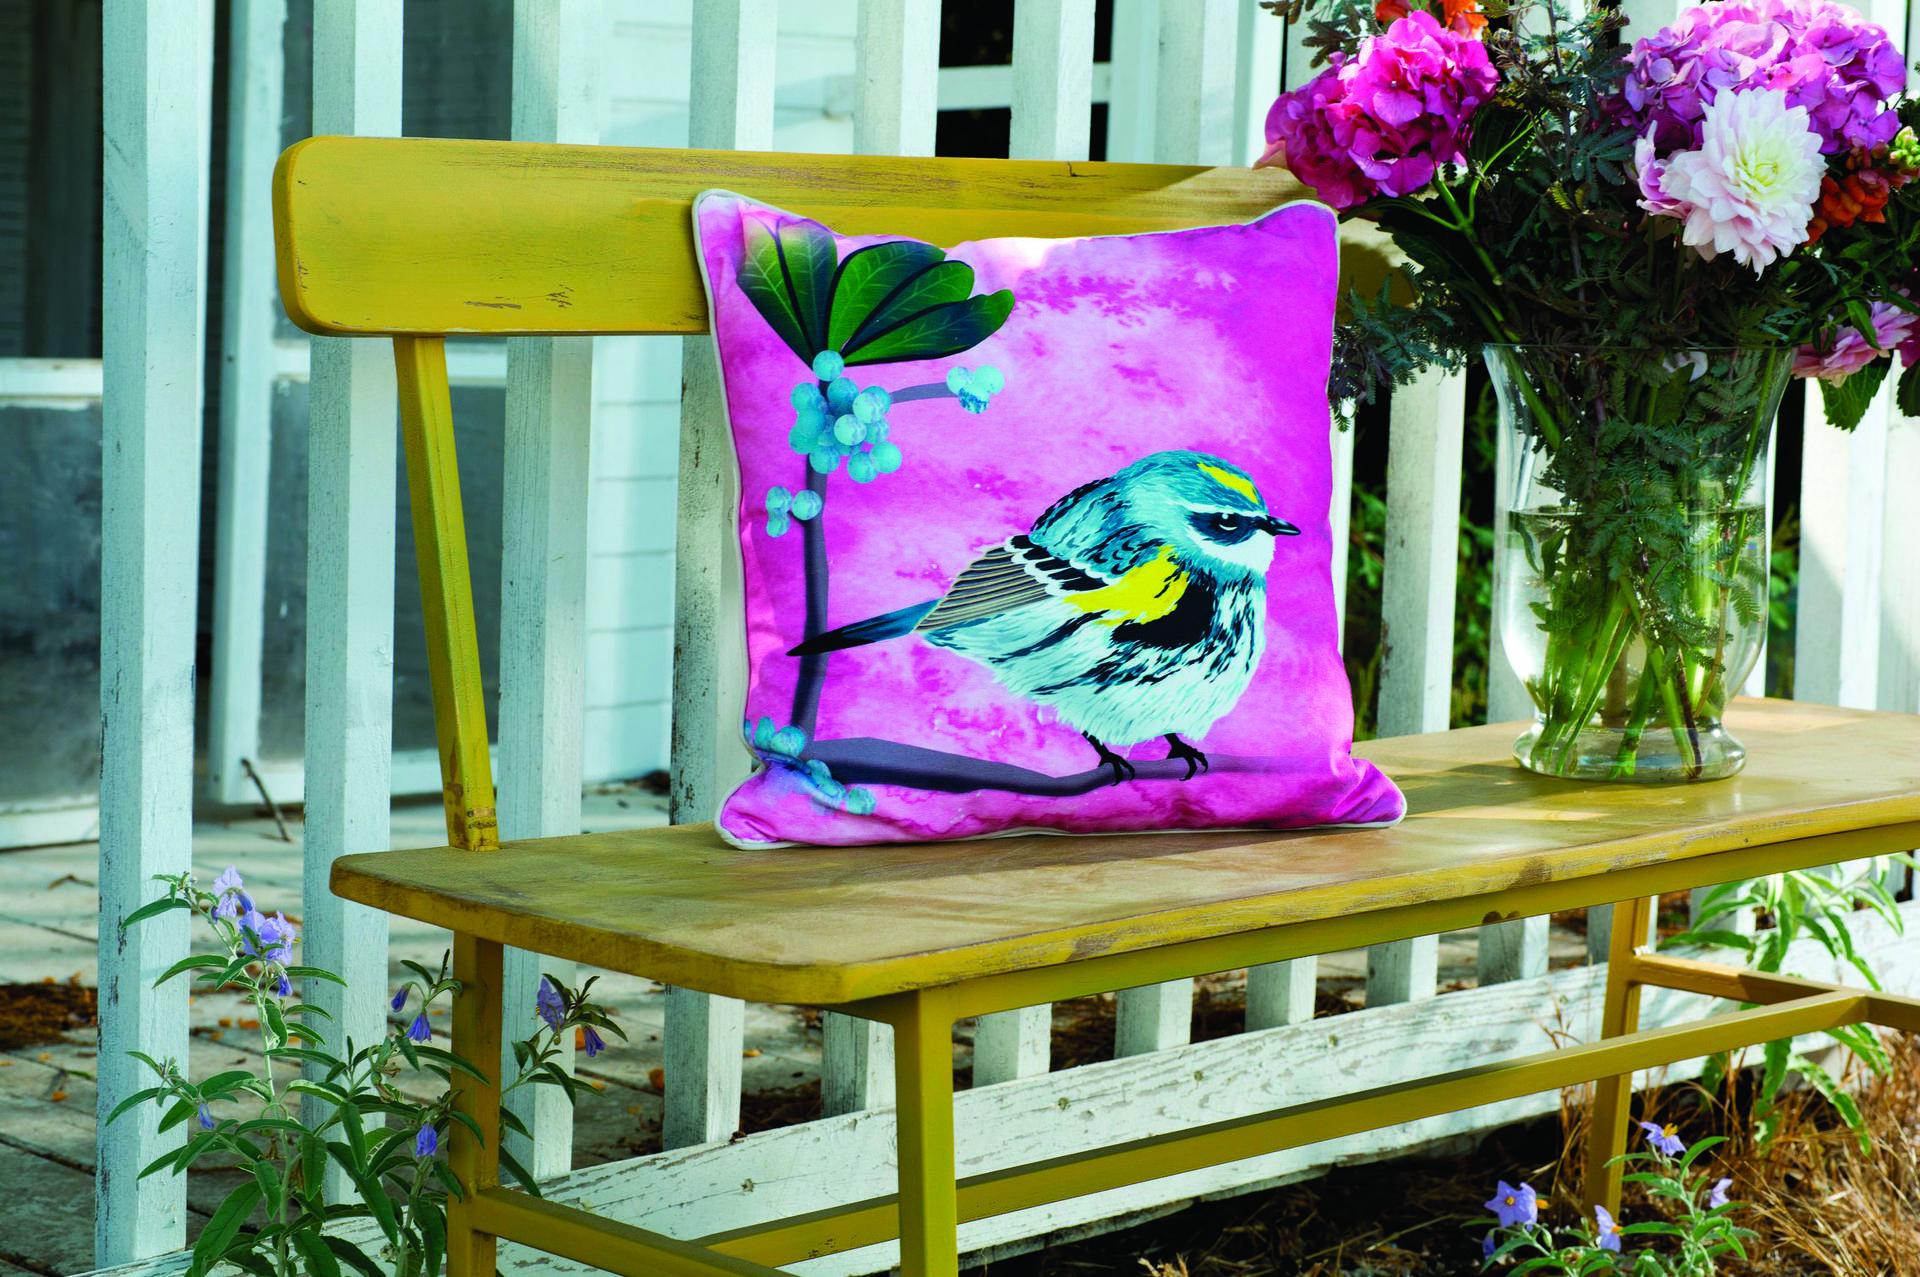 ספסל צבעוני עשוי מעץ בשילוב ברזל, תומיק. צילום: בועז לביא, סטיילינג: דיאנה לינדר